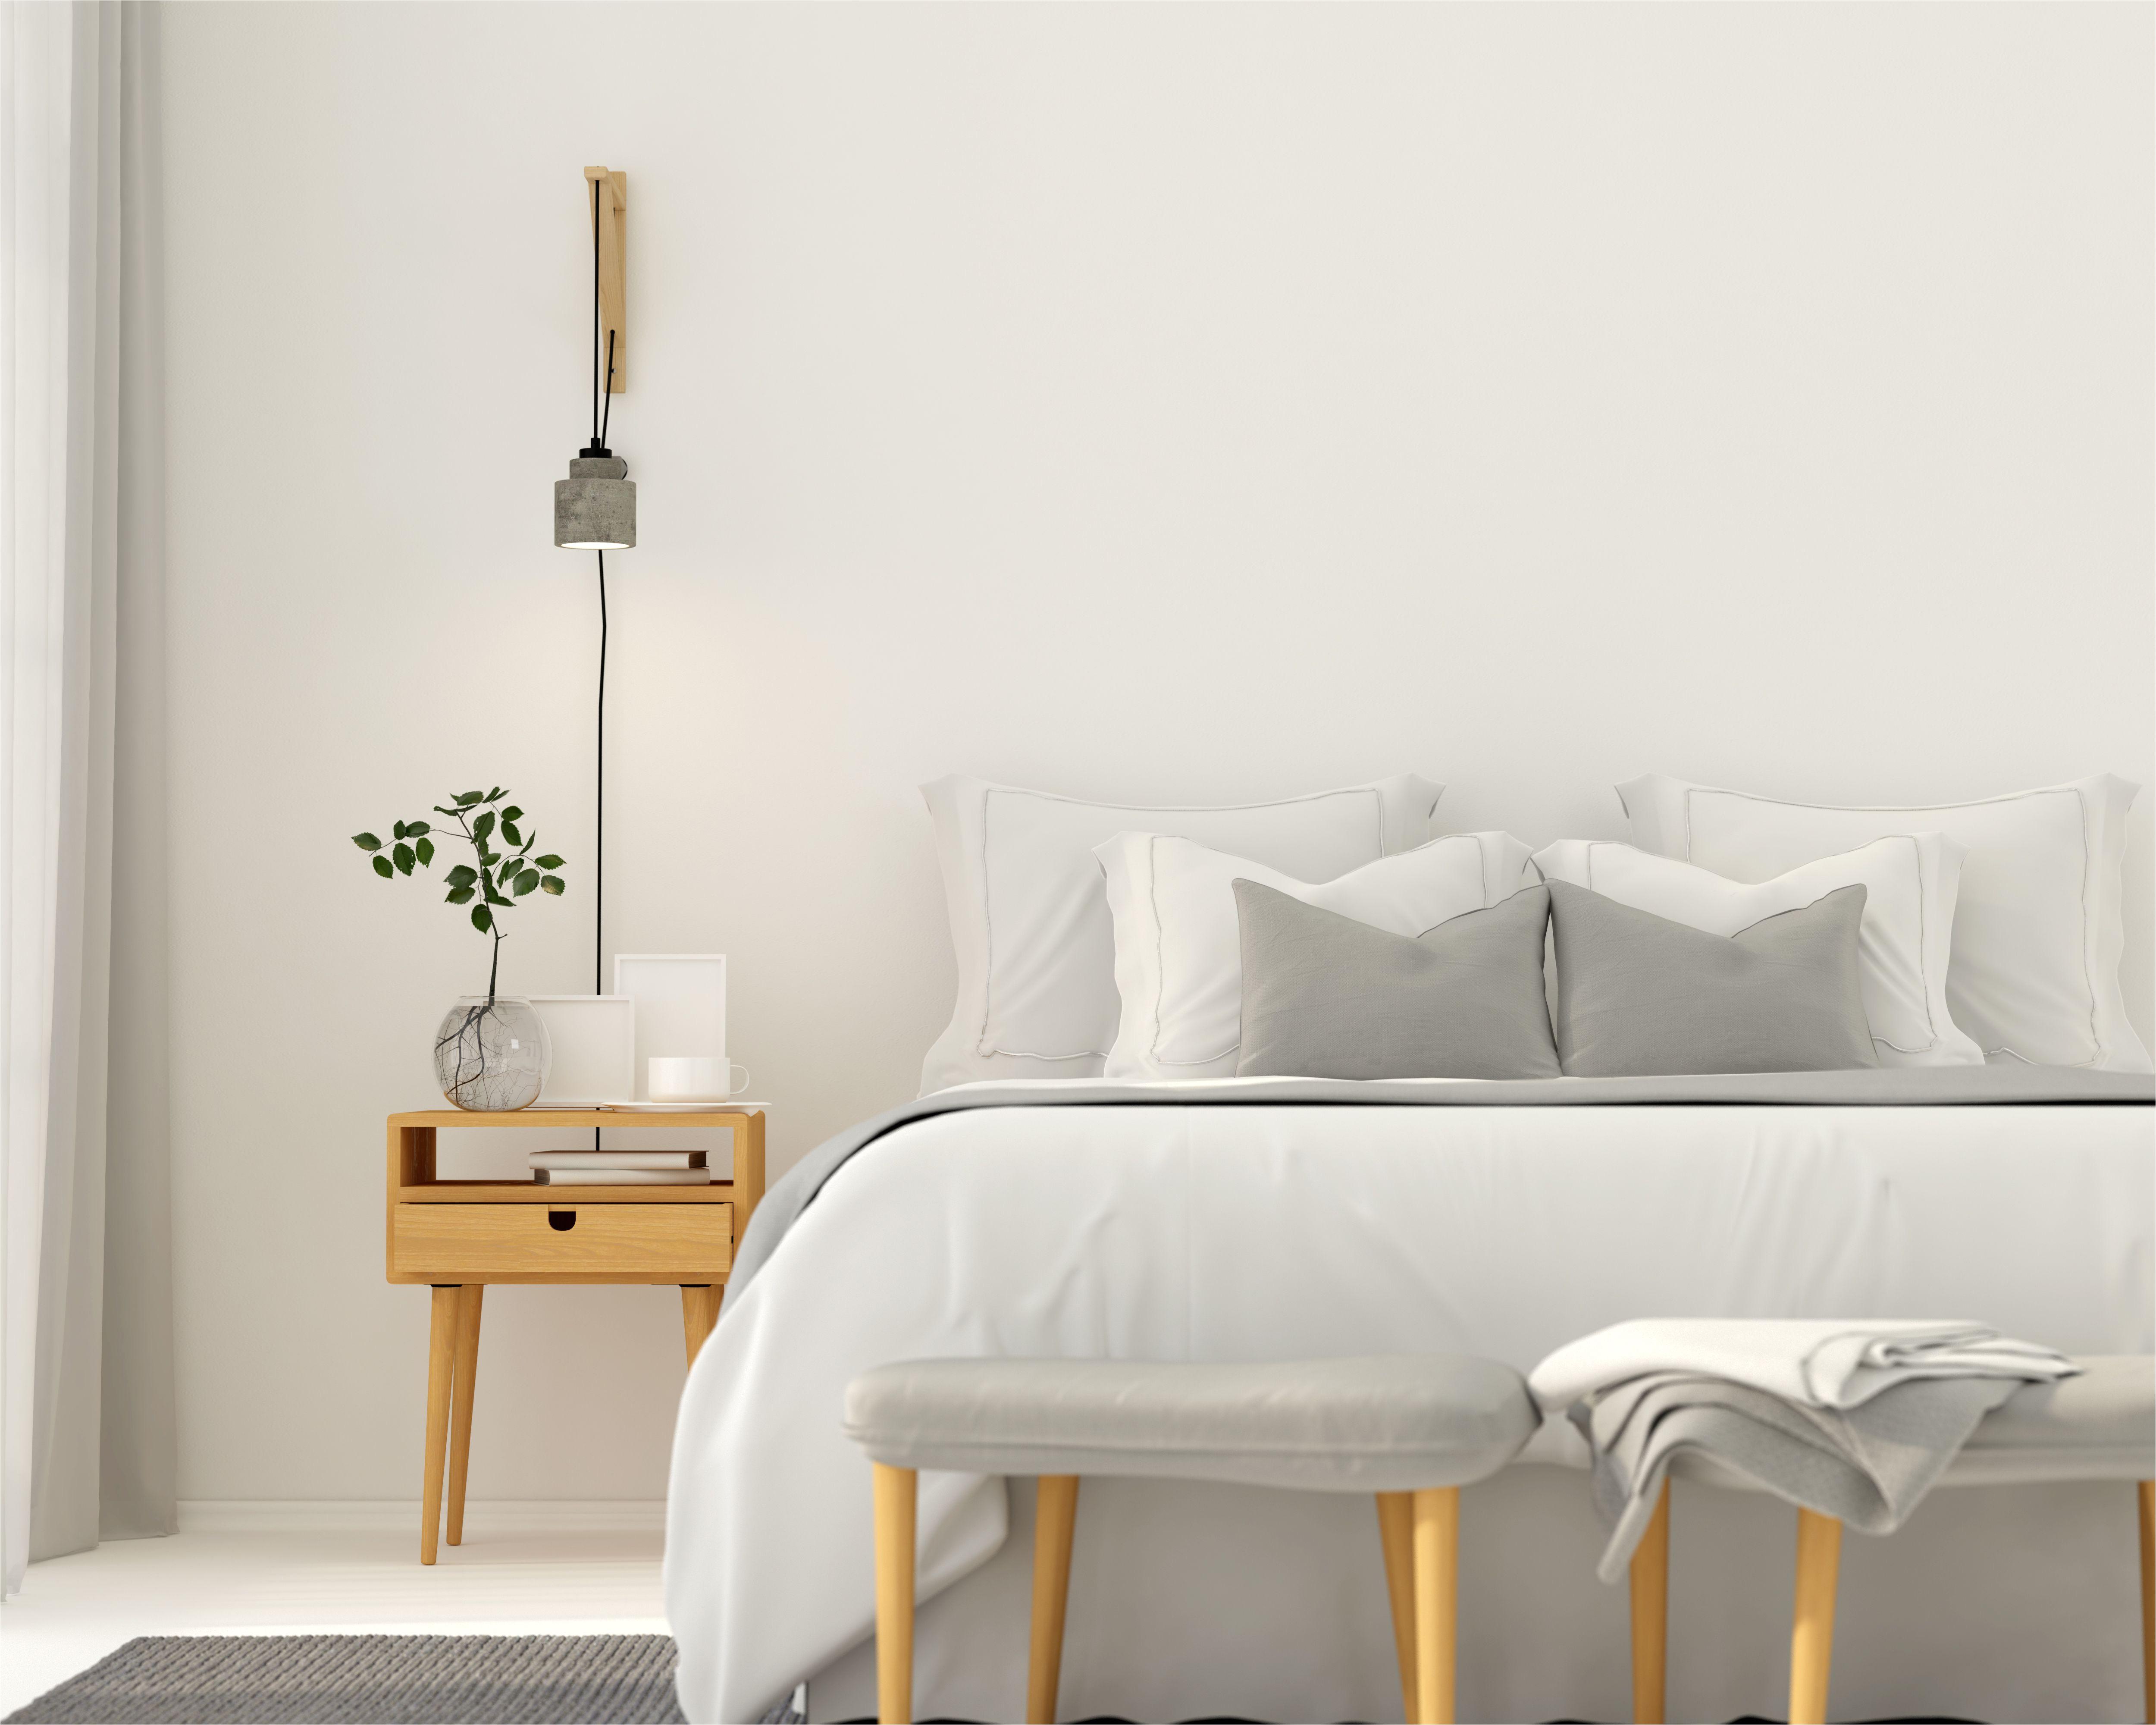 modern light gray bedroom interior 673826102 5a933cac303713003758b3e2 jpg